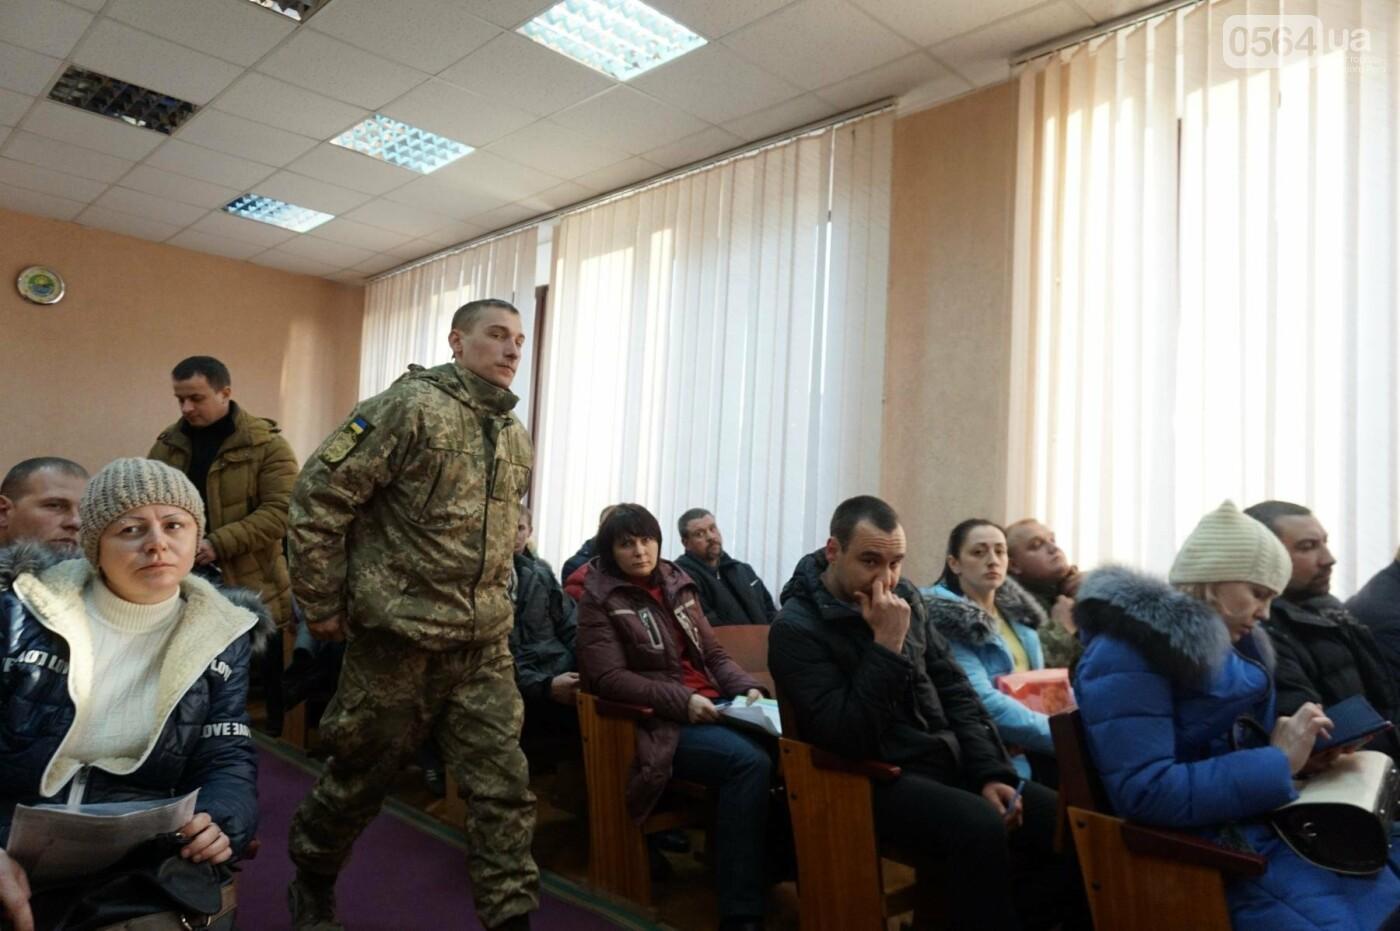 В Кривом Роге 52 бойца АТО получили землю под строительство жилья (ФОТО), фото-20